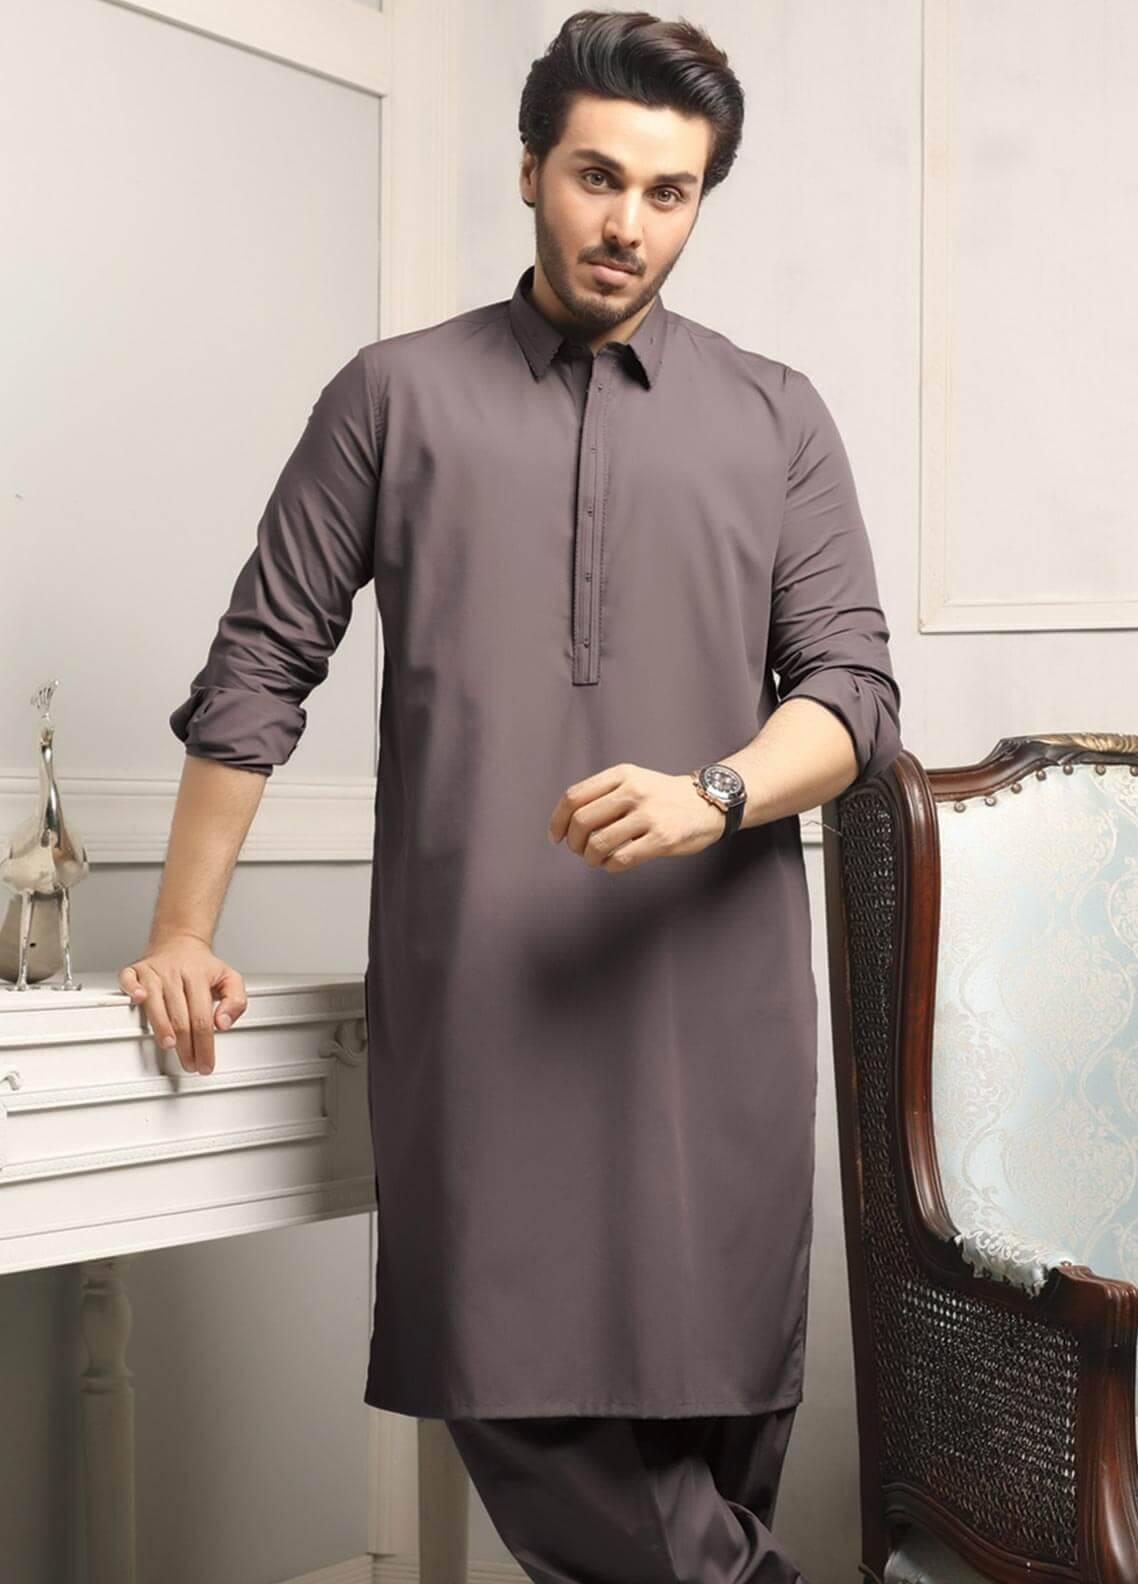 b74cf94726 Safeer by Edenrobe EMUC18-ELEGANCE Cotton Unstitched Men's Kameez Shalwar  Fabric. Online only